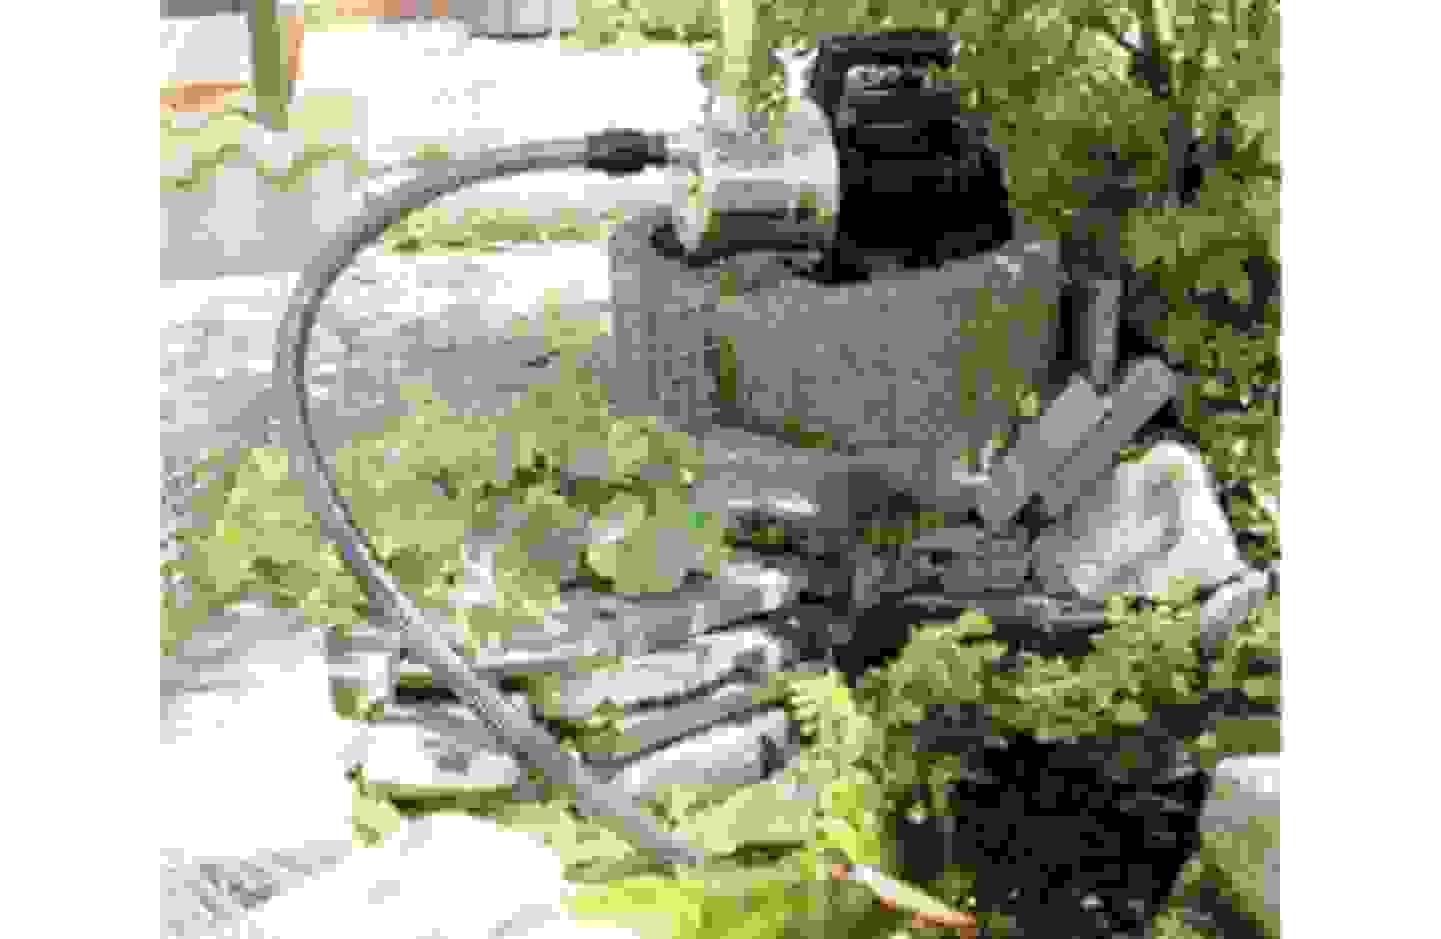 Kreiselpumpe pumpt Wasser aus Teich